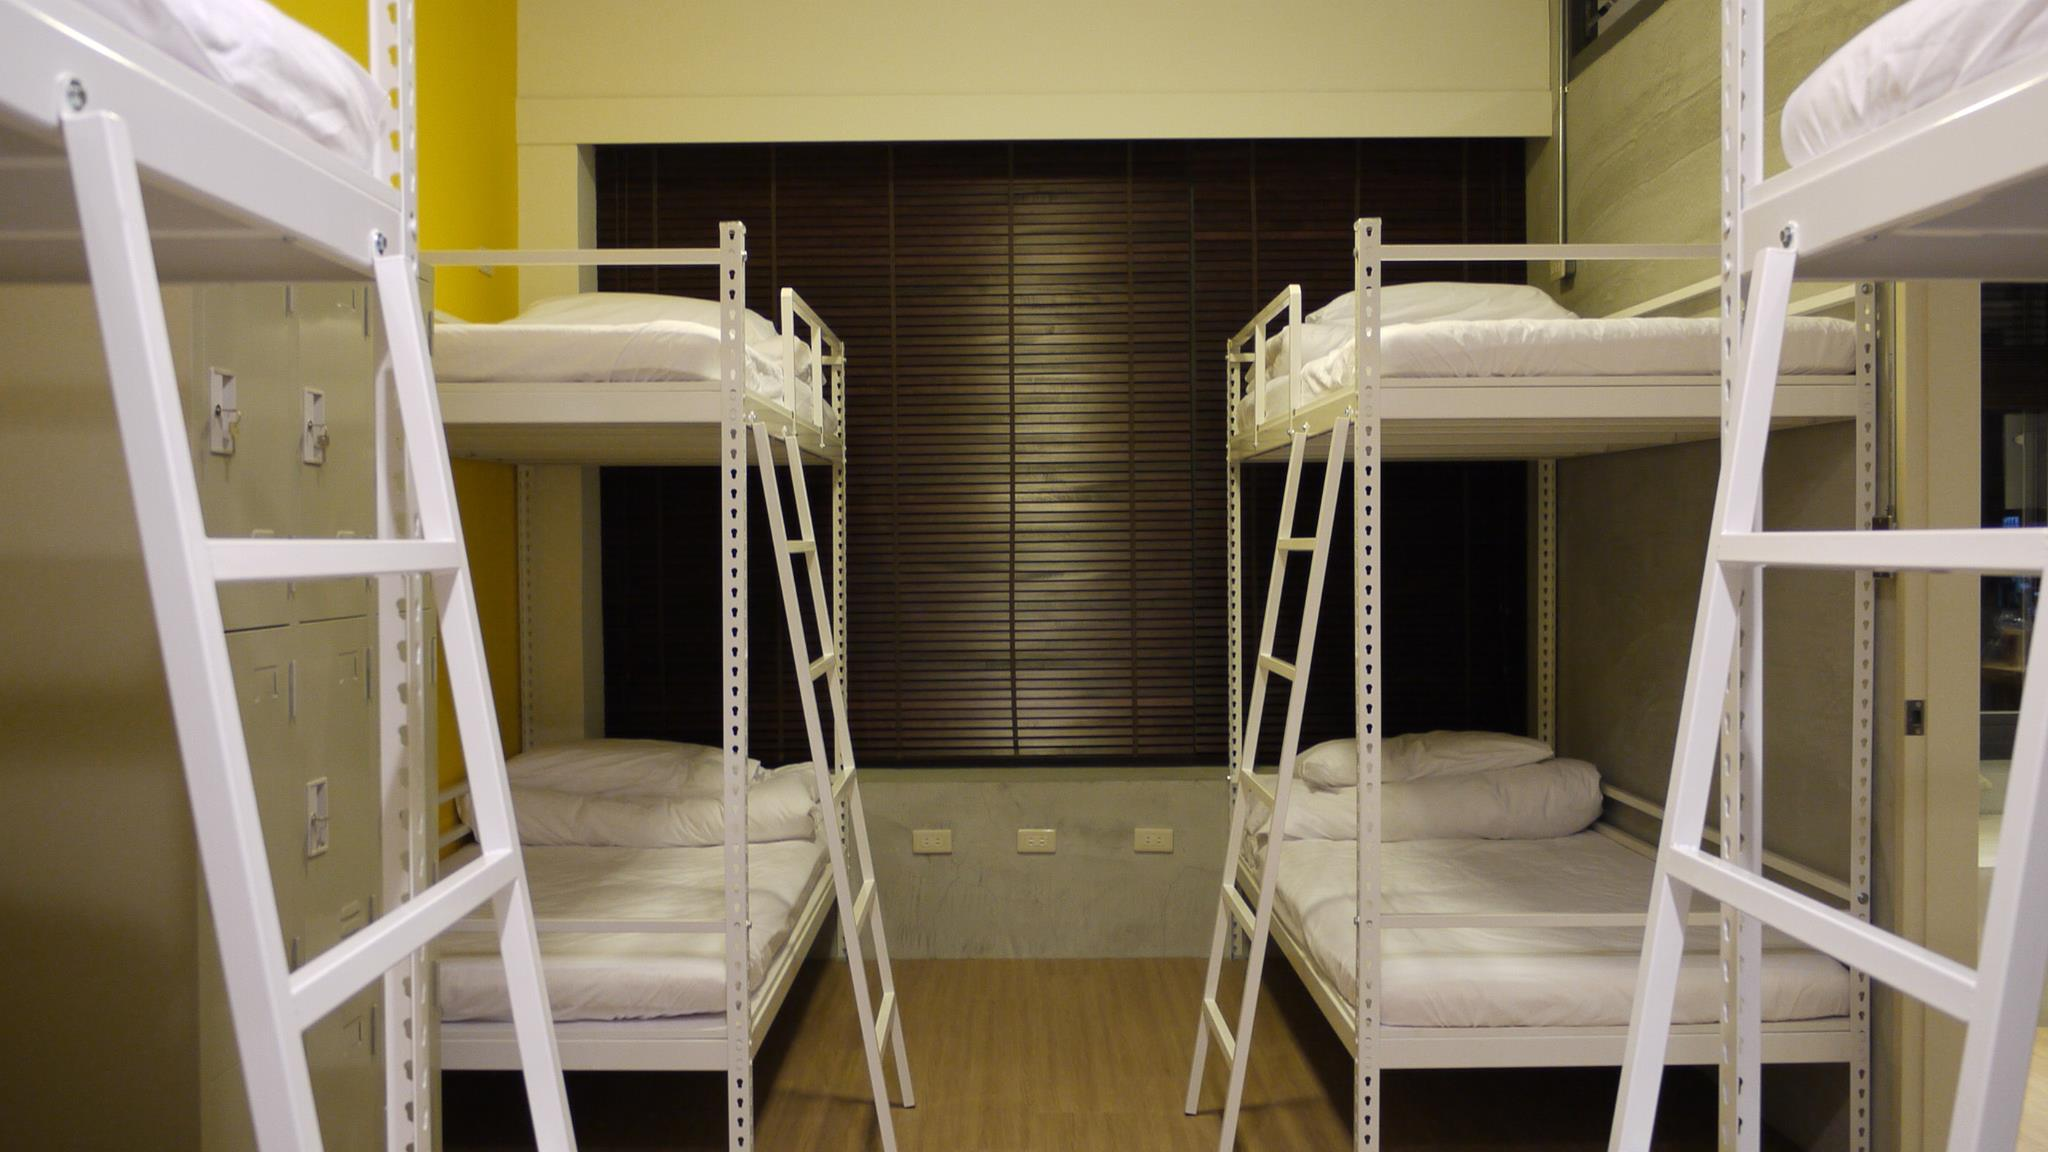 角鋼床架 vs. 實木床架優缺點大公開!購買床架需要注意什麼?|架高床|床架缺點 |床架耐重 |床架怎麼挑|床架訂製 |雙人床架